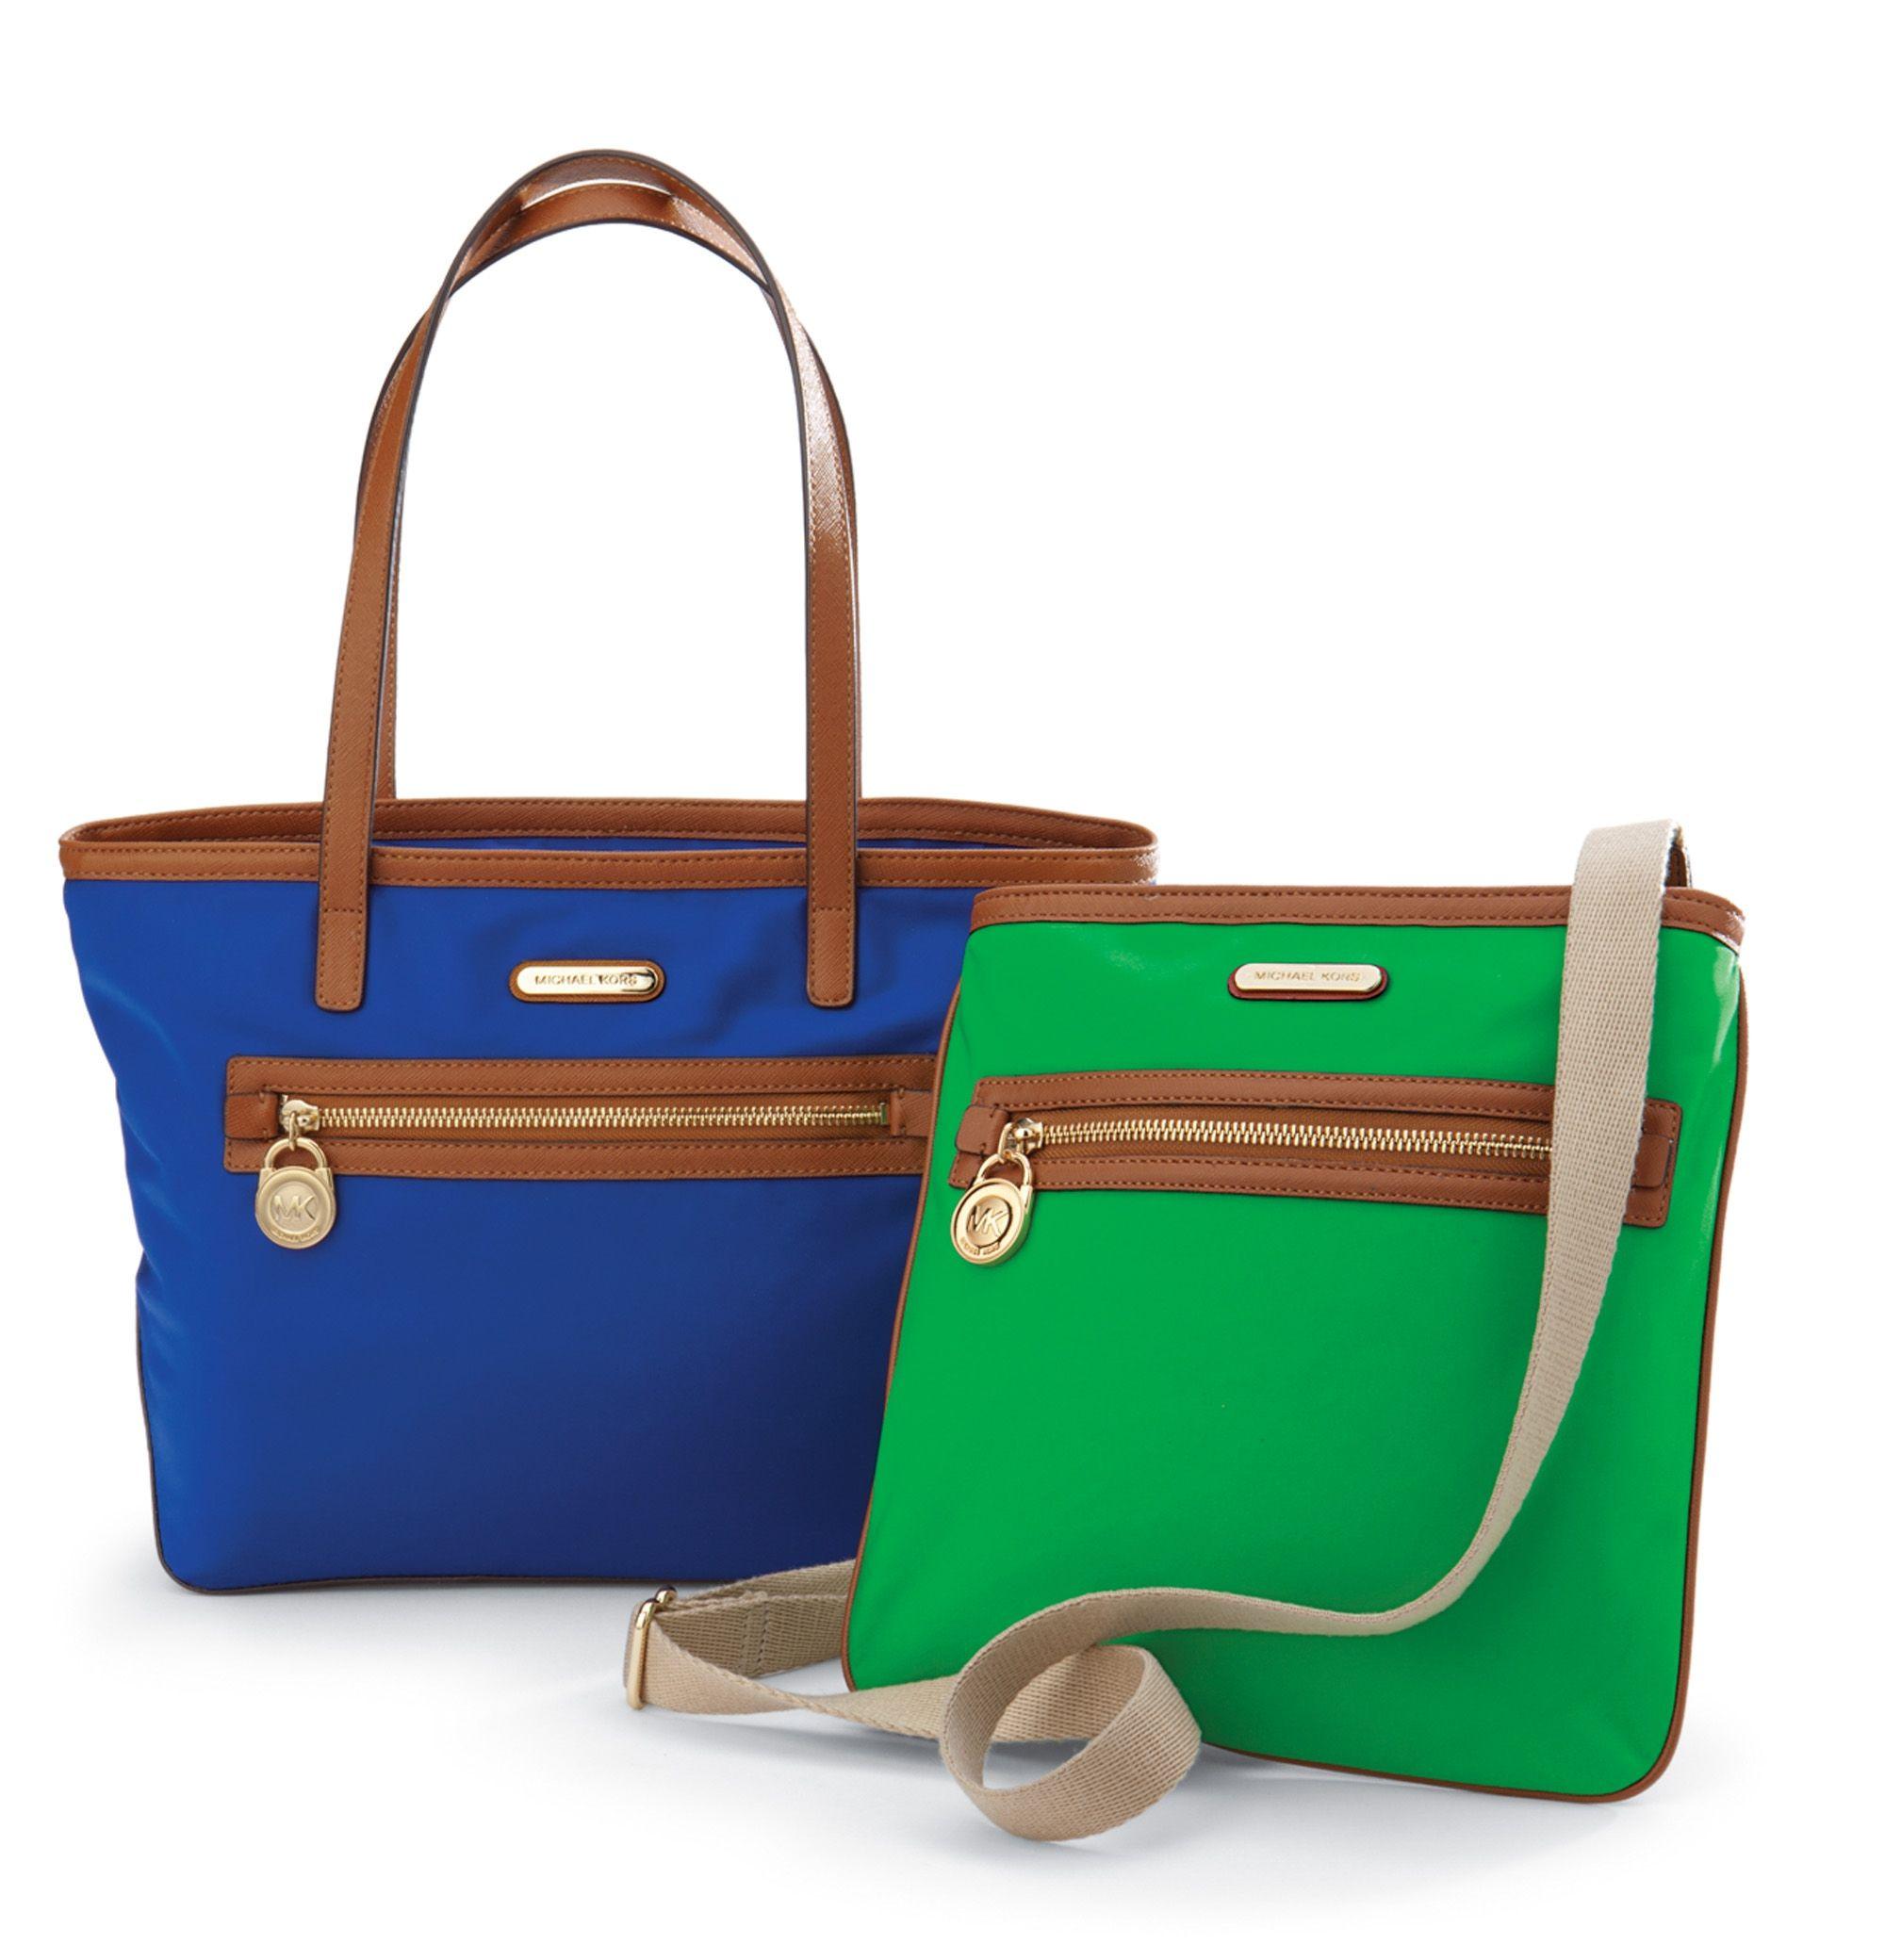 MICHAEL Michael Kors versatile tote #belk #handbags